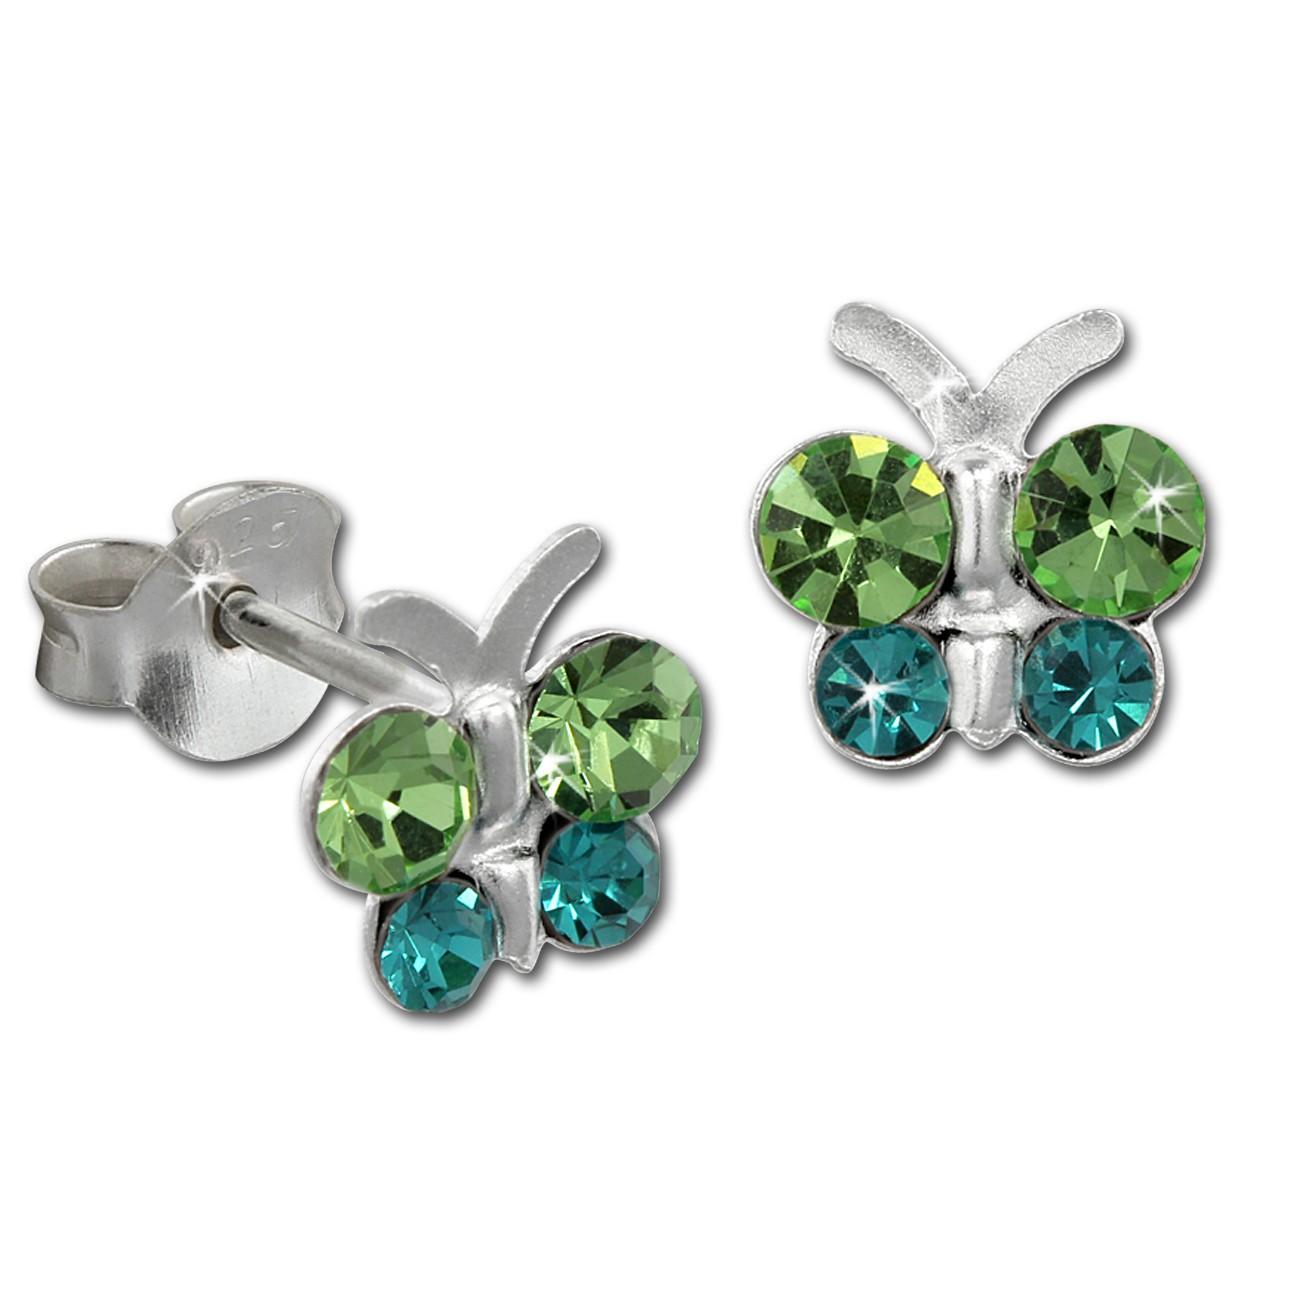 Kinder Ohrring Schmetterling grün Ohrstecker 925 Kinderschmuck TW SDO8014G